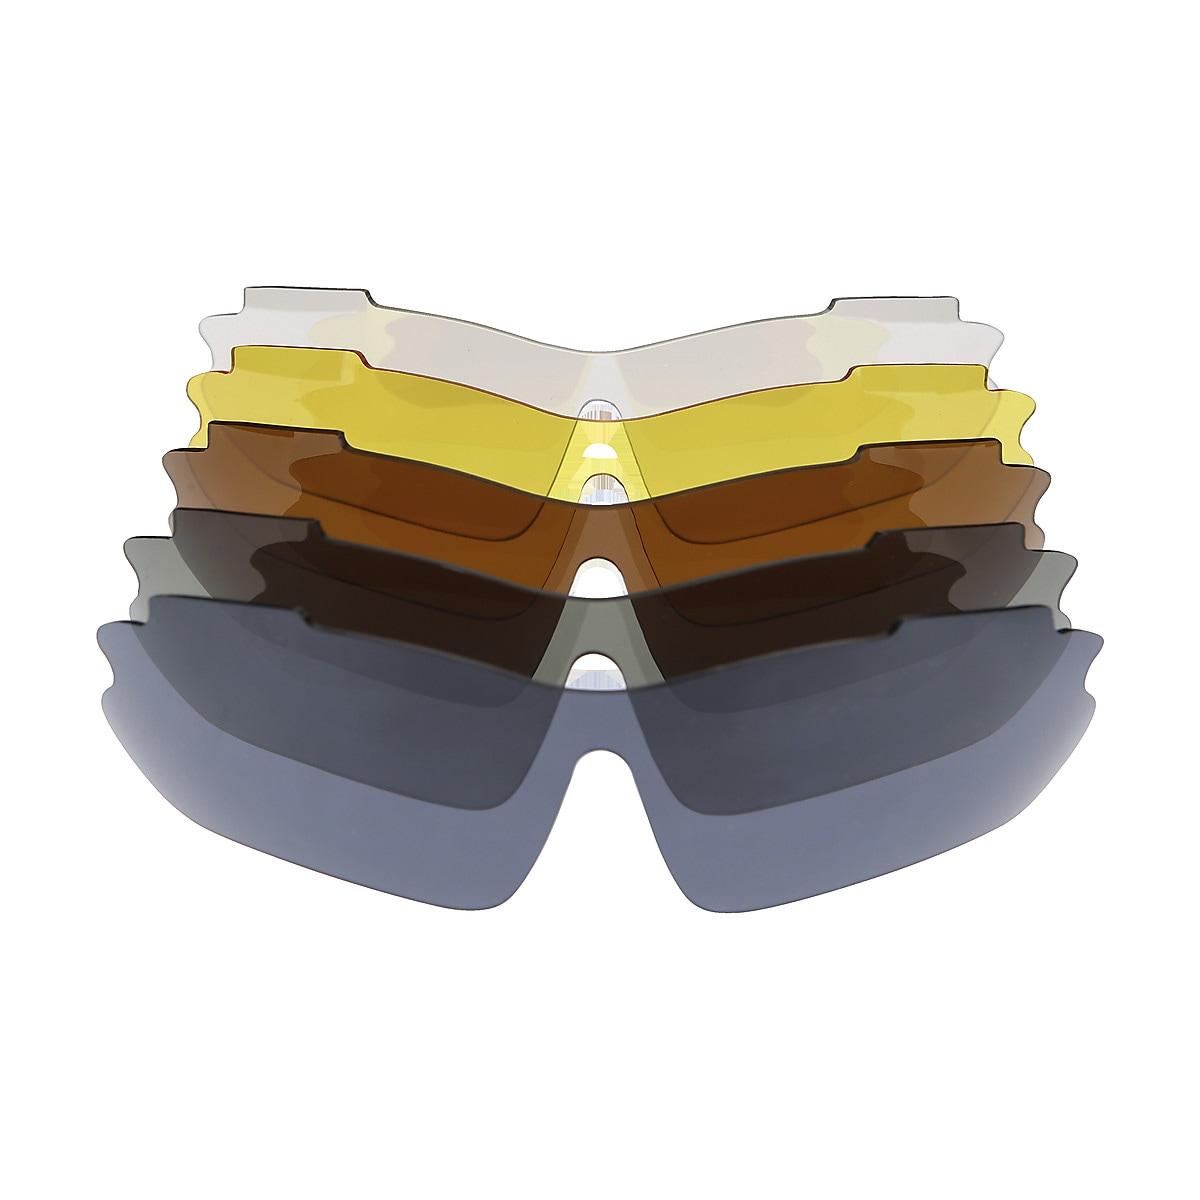 Sportbrille Asaklitt – 5 Brillenglasfarben